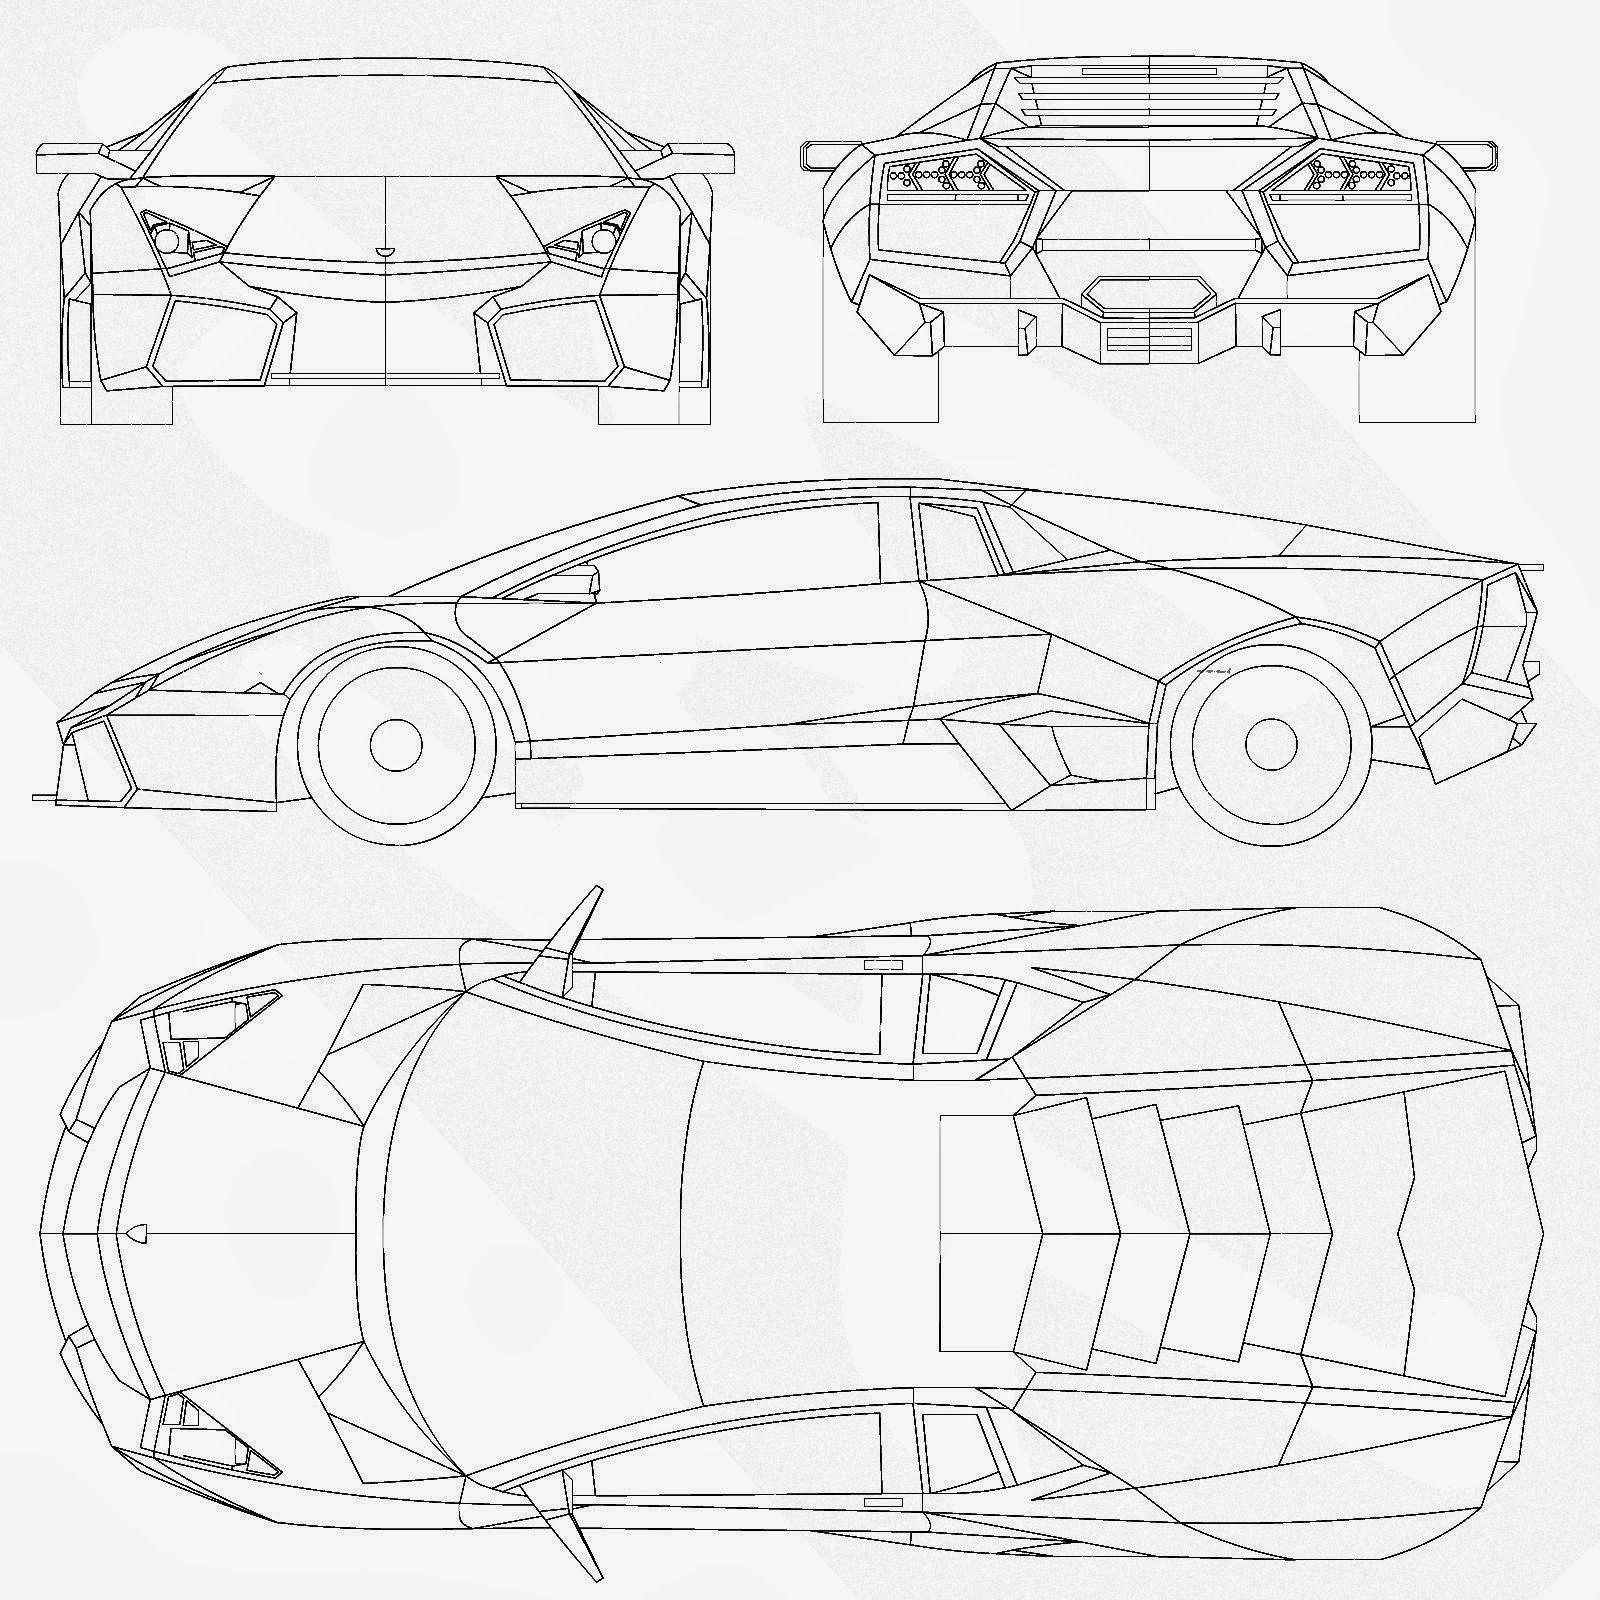 5a496fea7cc1e613313960efd33c767d Cozy Lamborghini Countach 25th Anniversary Fiche Technique Cars Trend